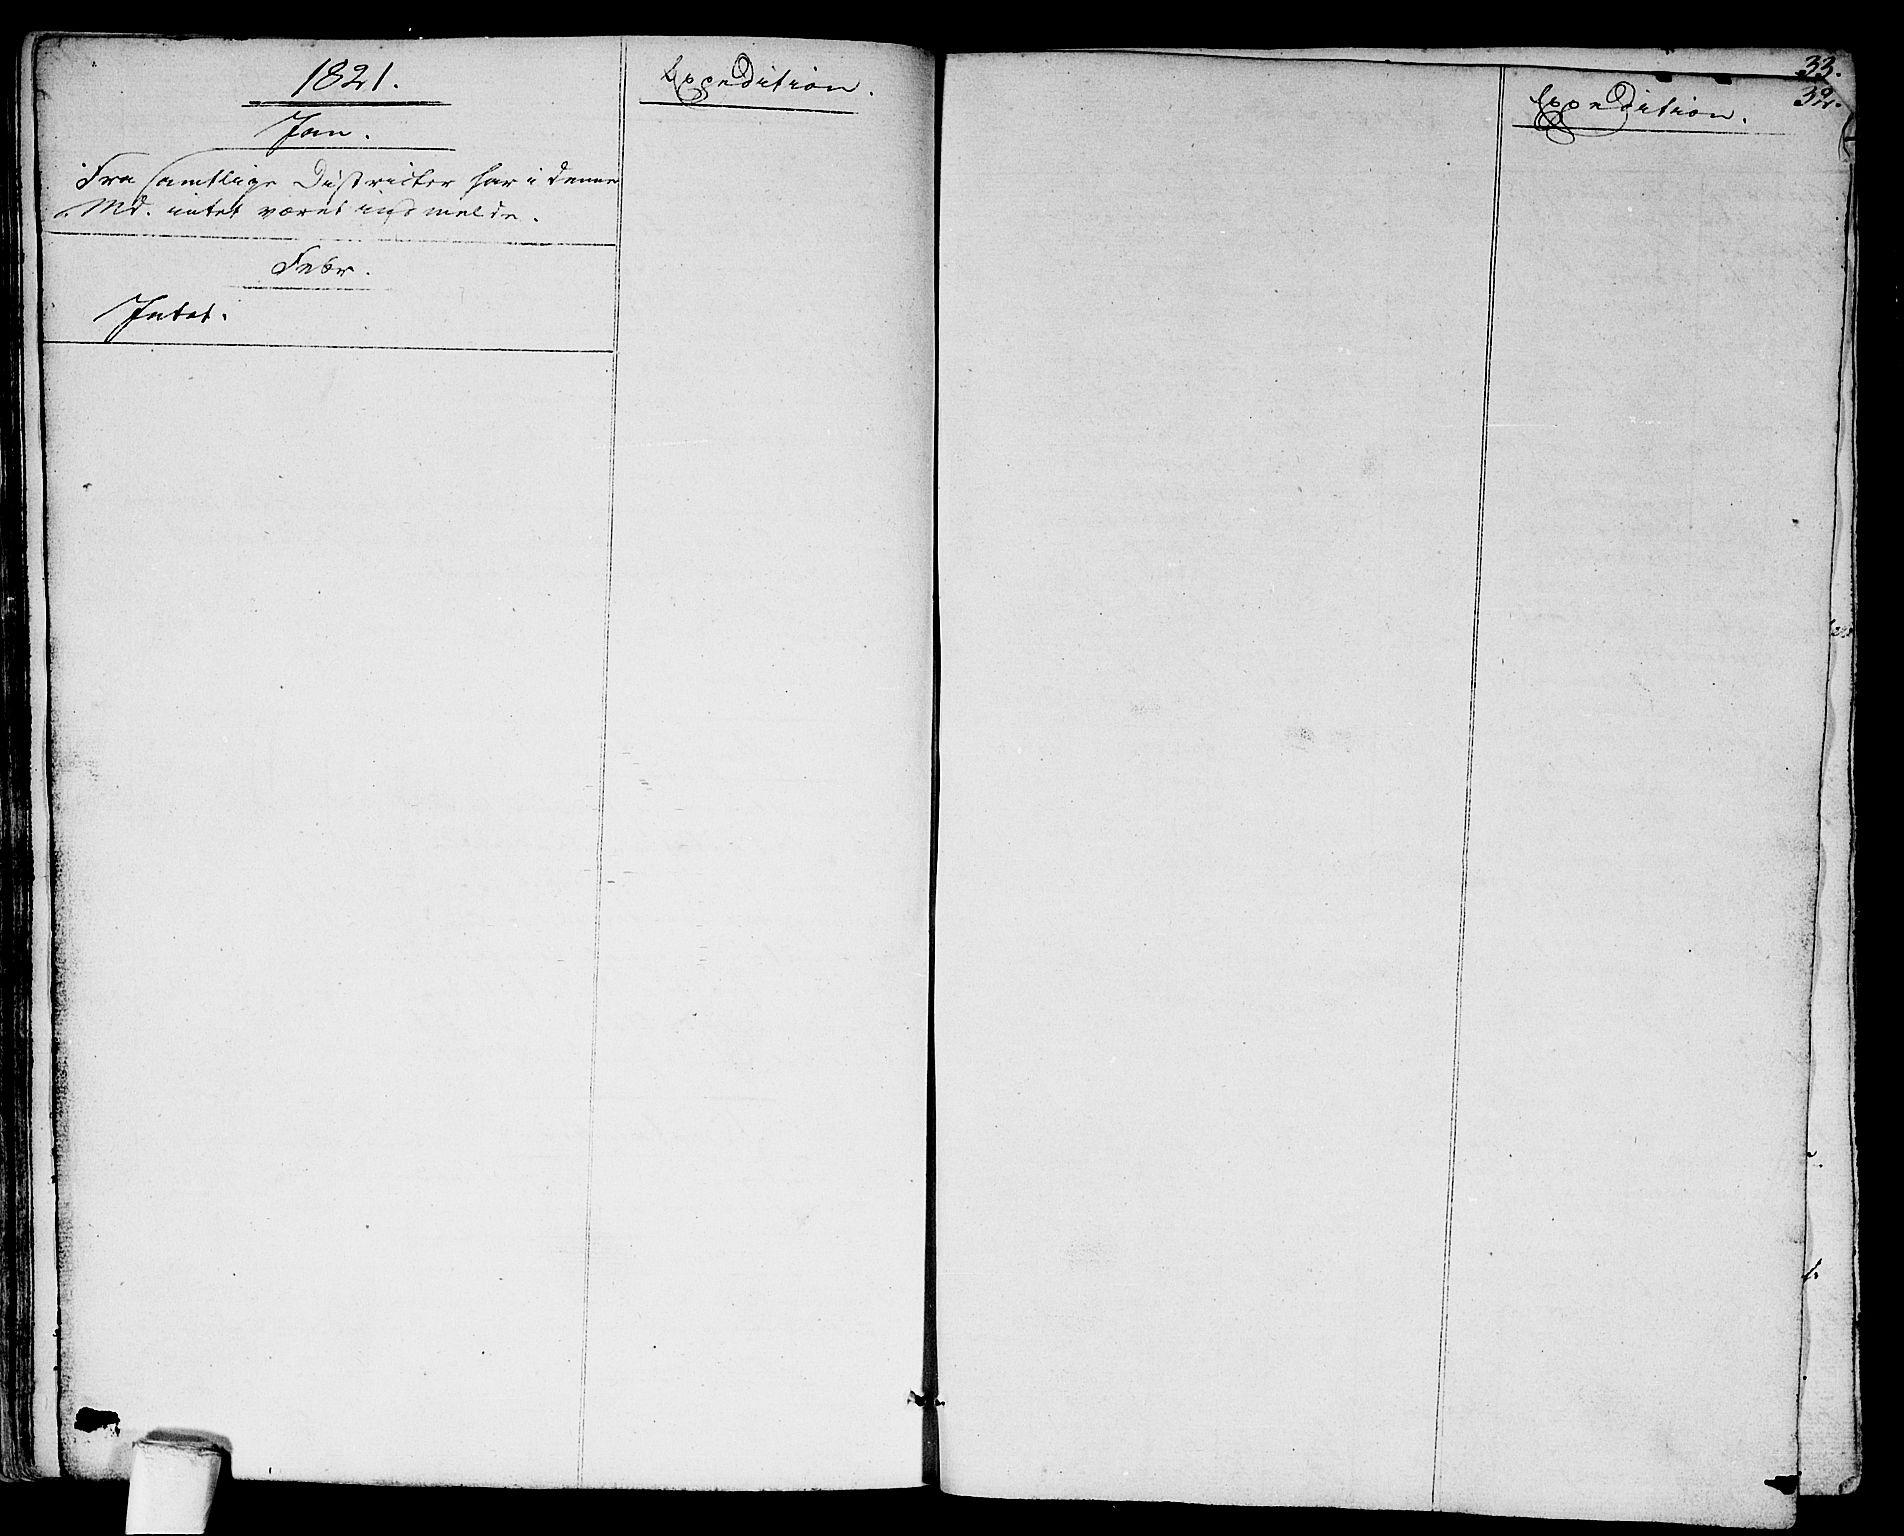 SAO, Asker prestekontor Kirkebøker, F/Fa/L0005: Ministerialbok nr. I 5, 1807-1813, s. 32